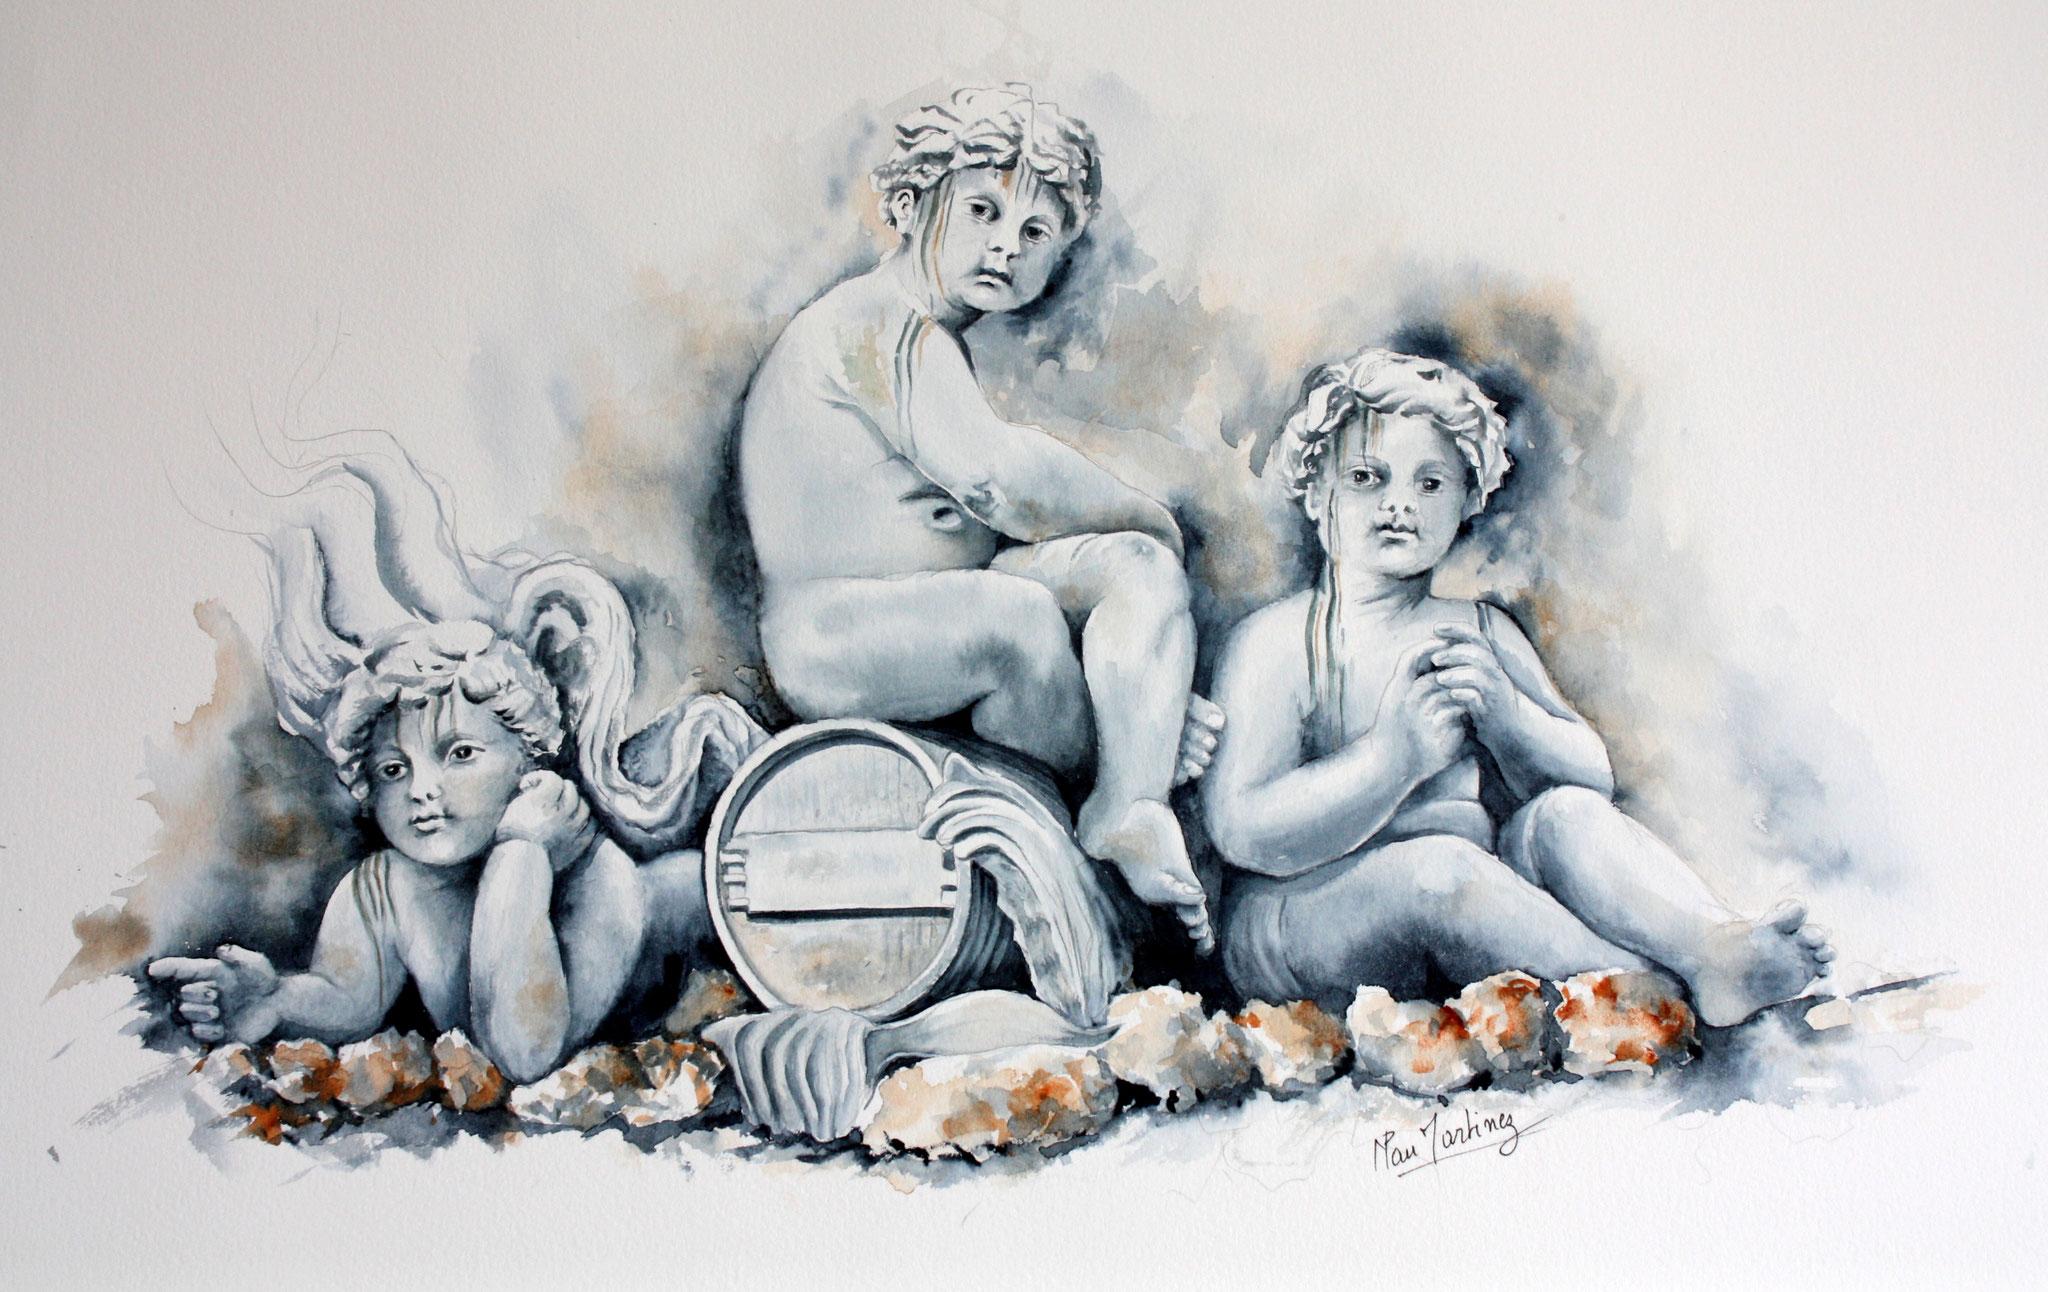 Les enfants - Fontaine des Girondins